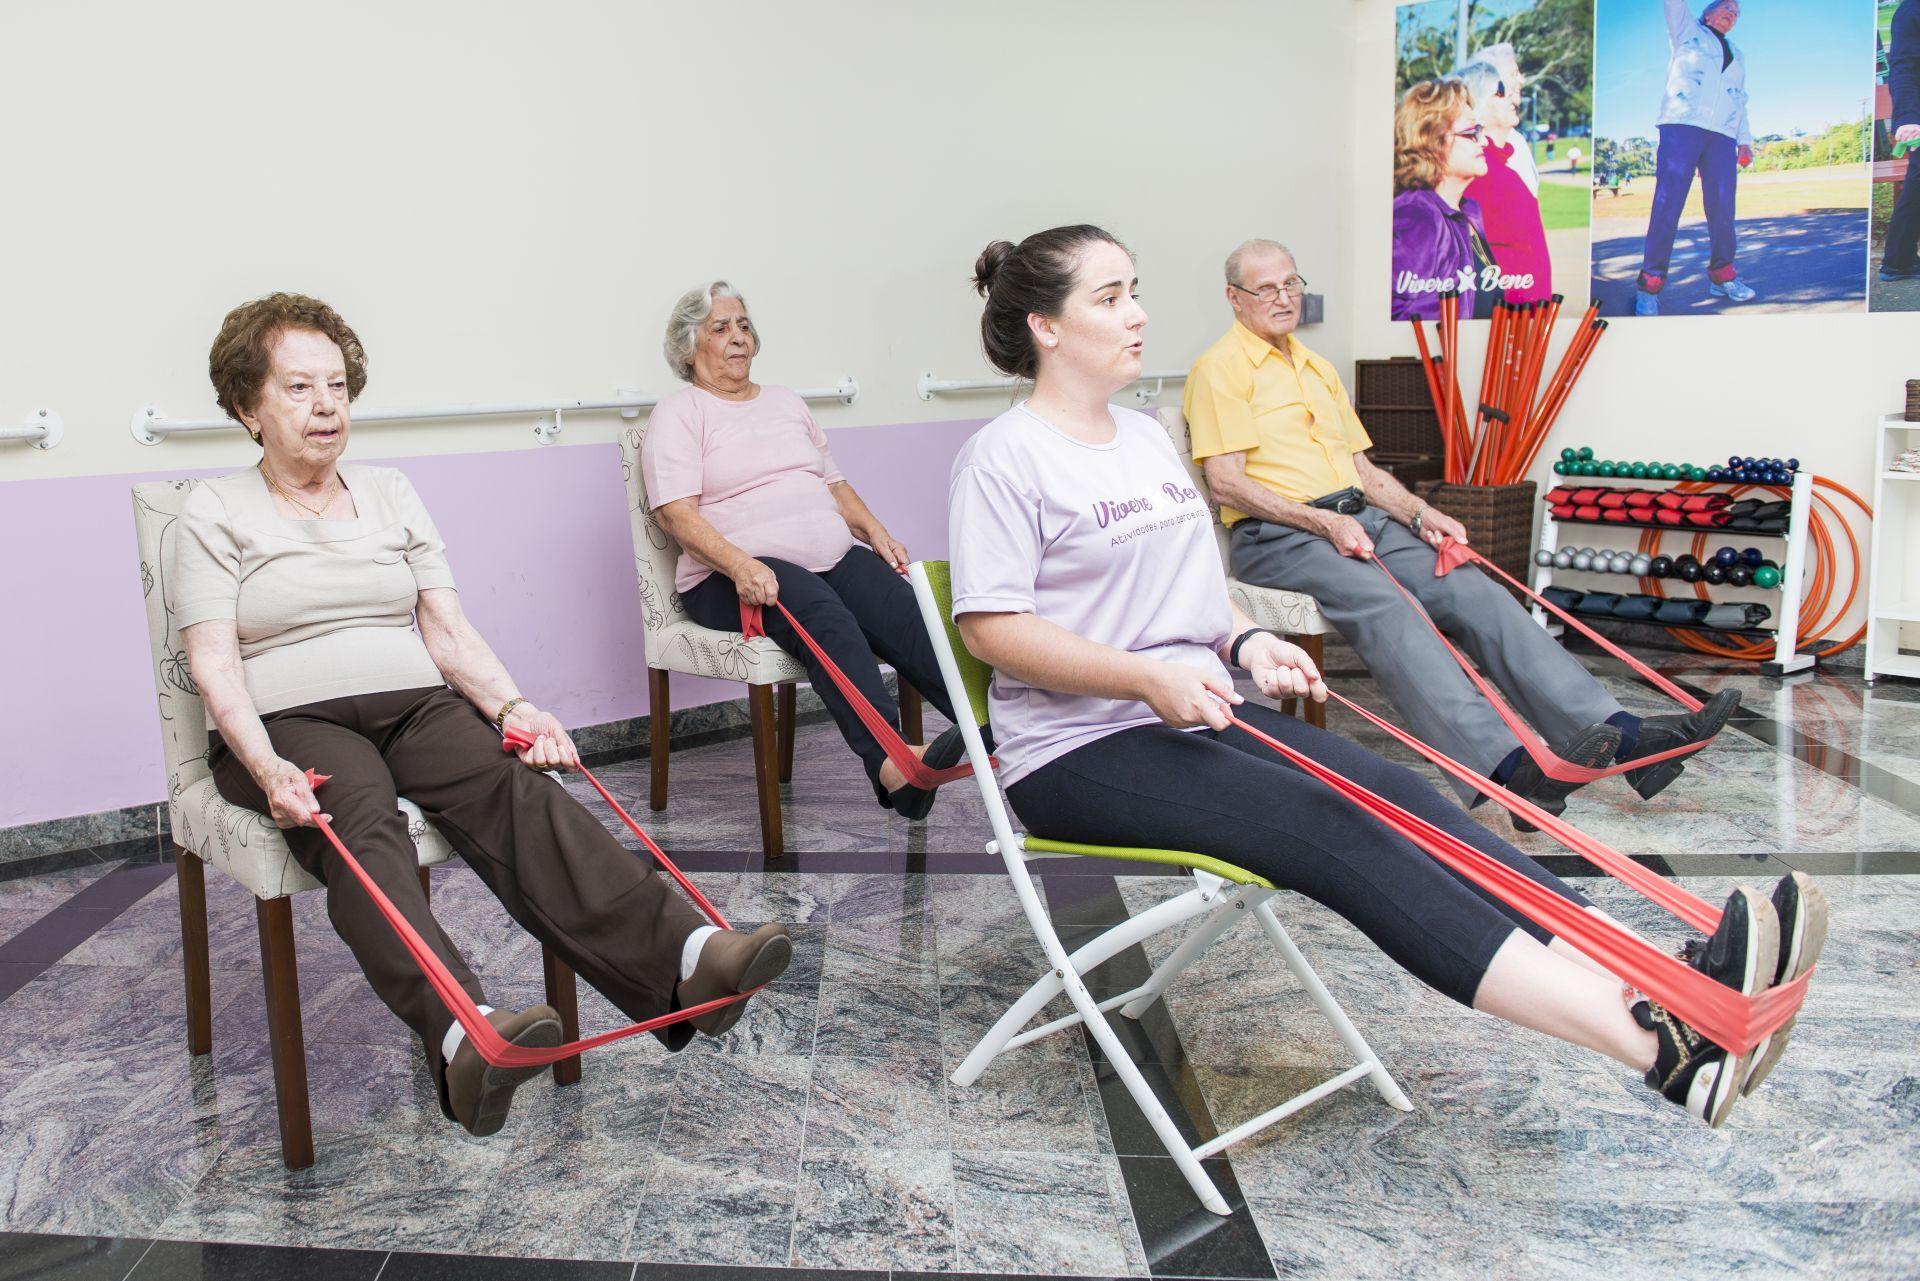 No espaço Vivere Bene, idosos realizam atividades voltadas ao bem-estar físico e mental. Foto: Letícia Akemi/Gazeta do Povo.